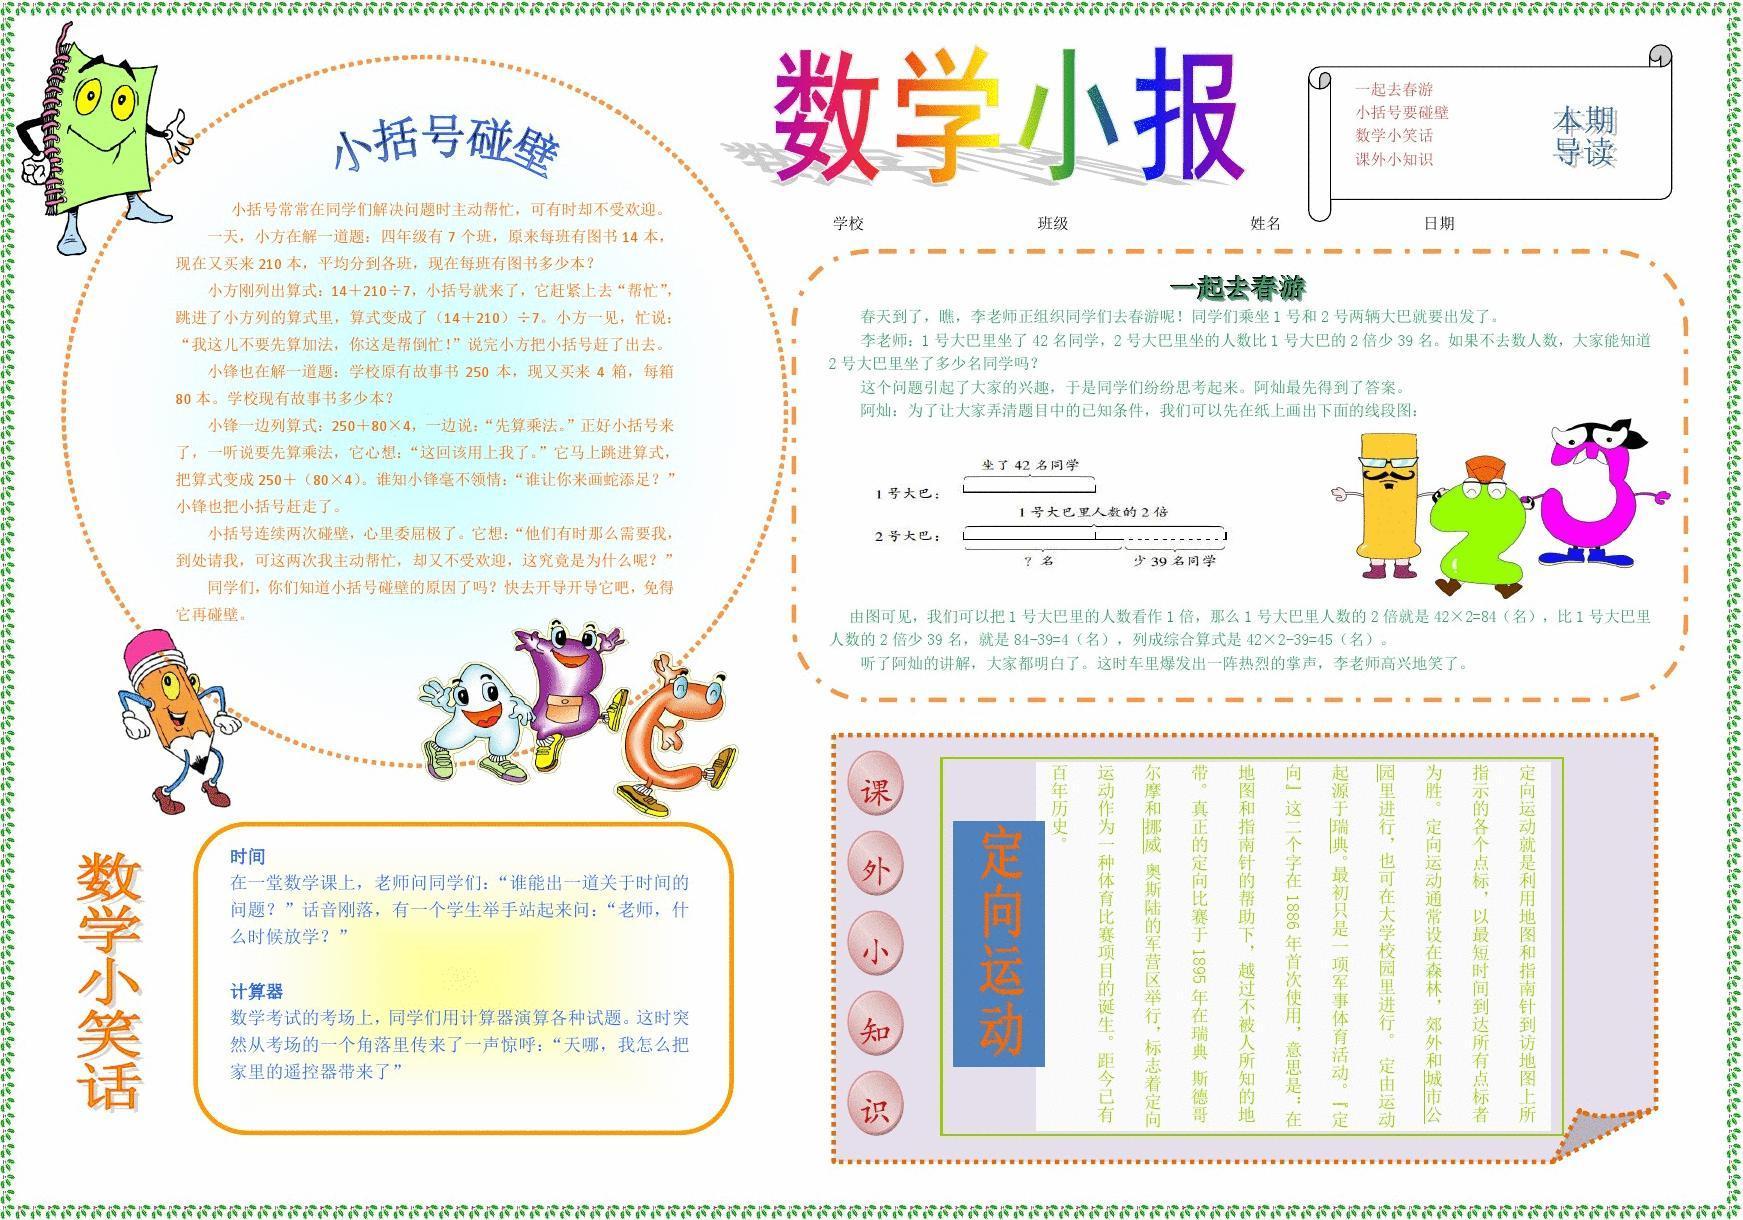 数学小报142a3数学电子小报成品,数学手抄报模板,数学